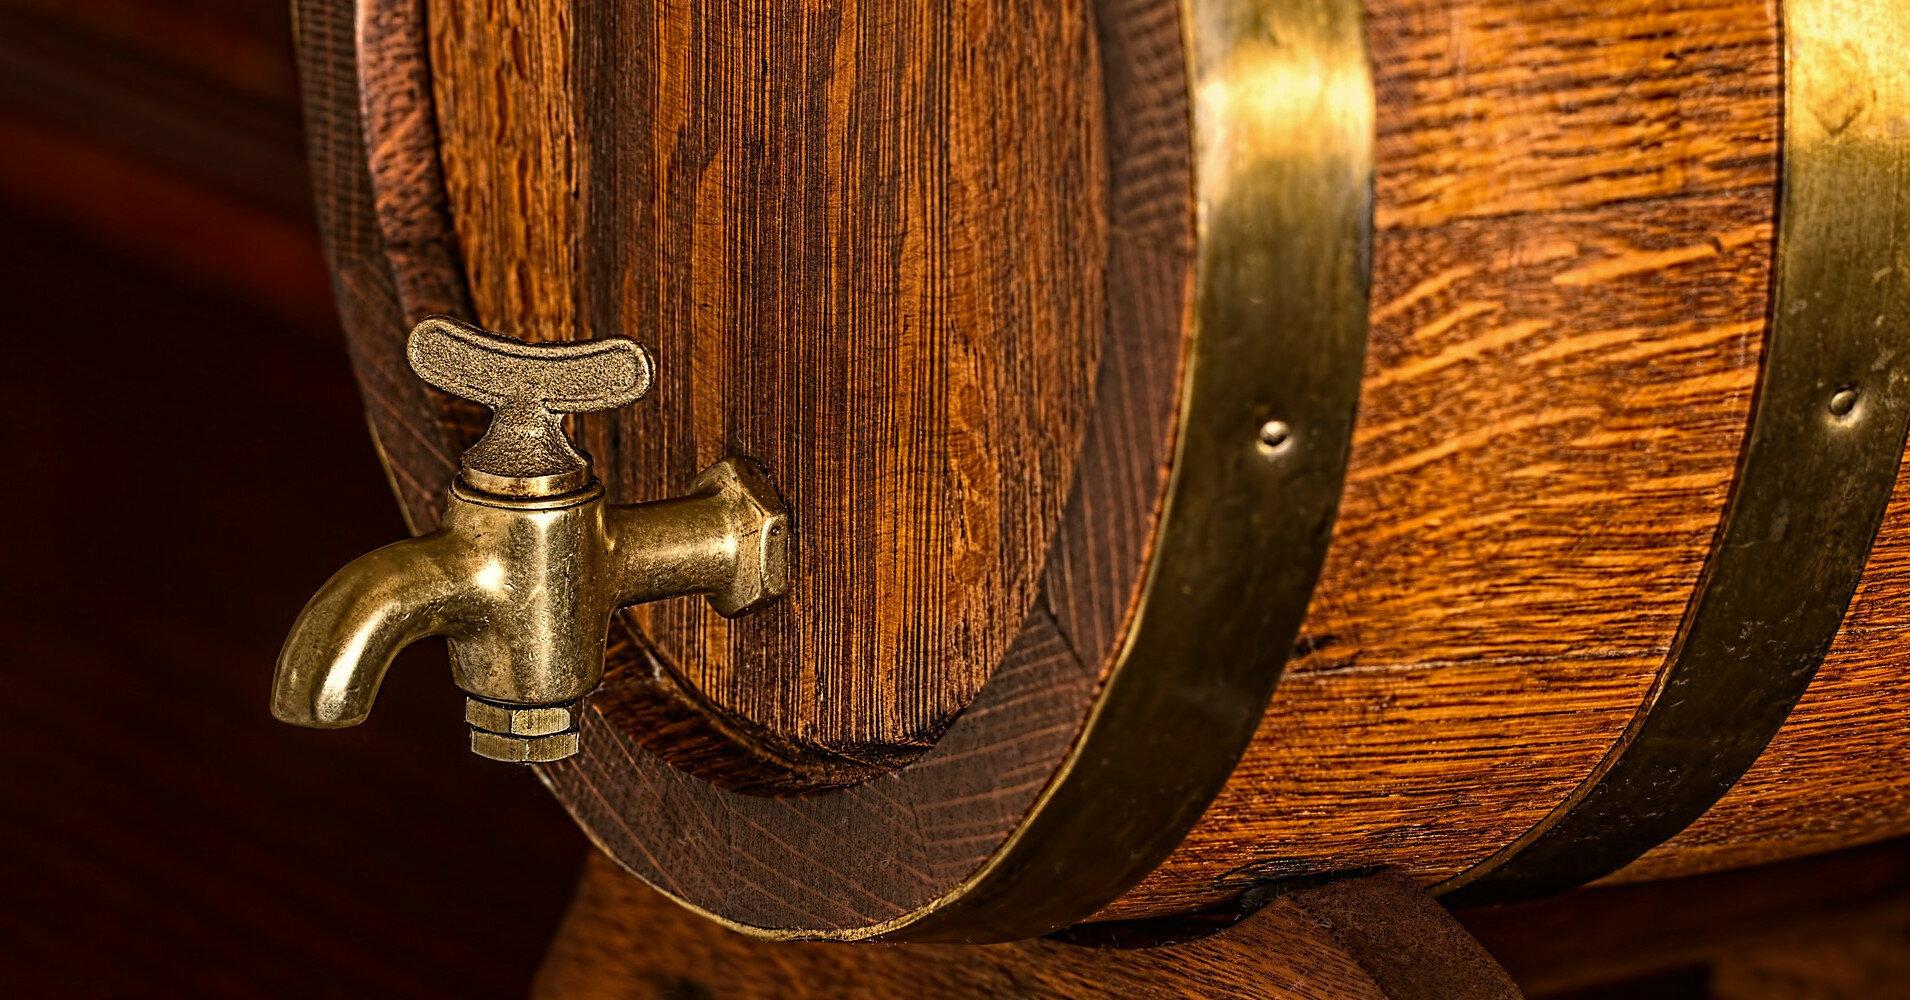 Британские пабы оказались на грани закрытия из-за дефицита пива